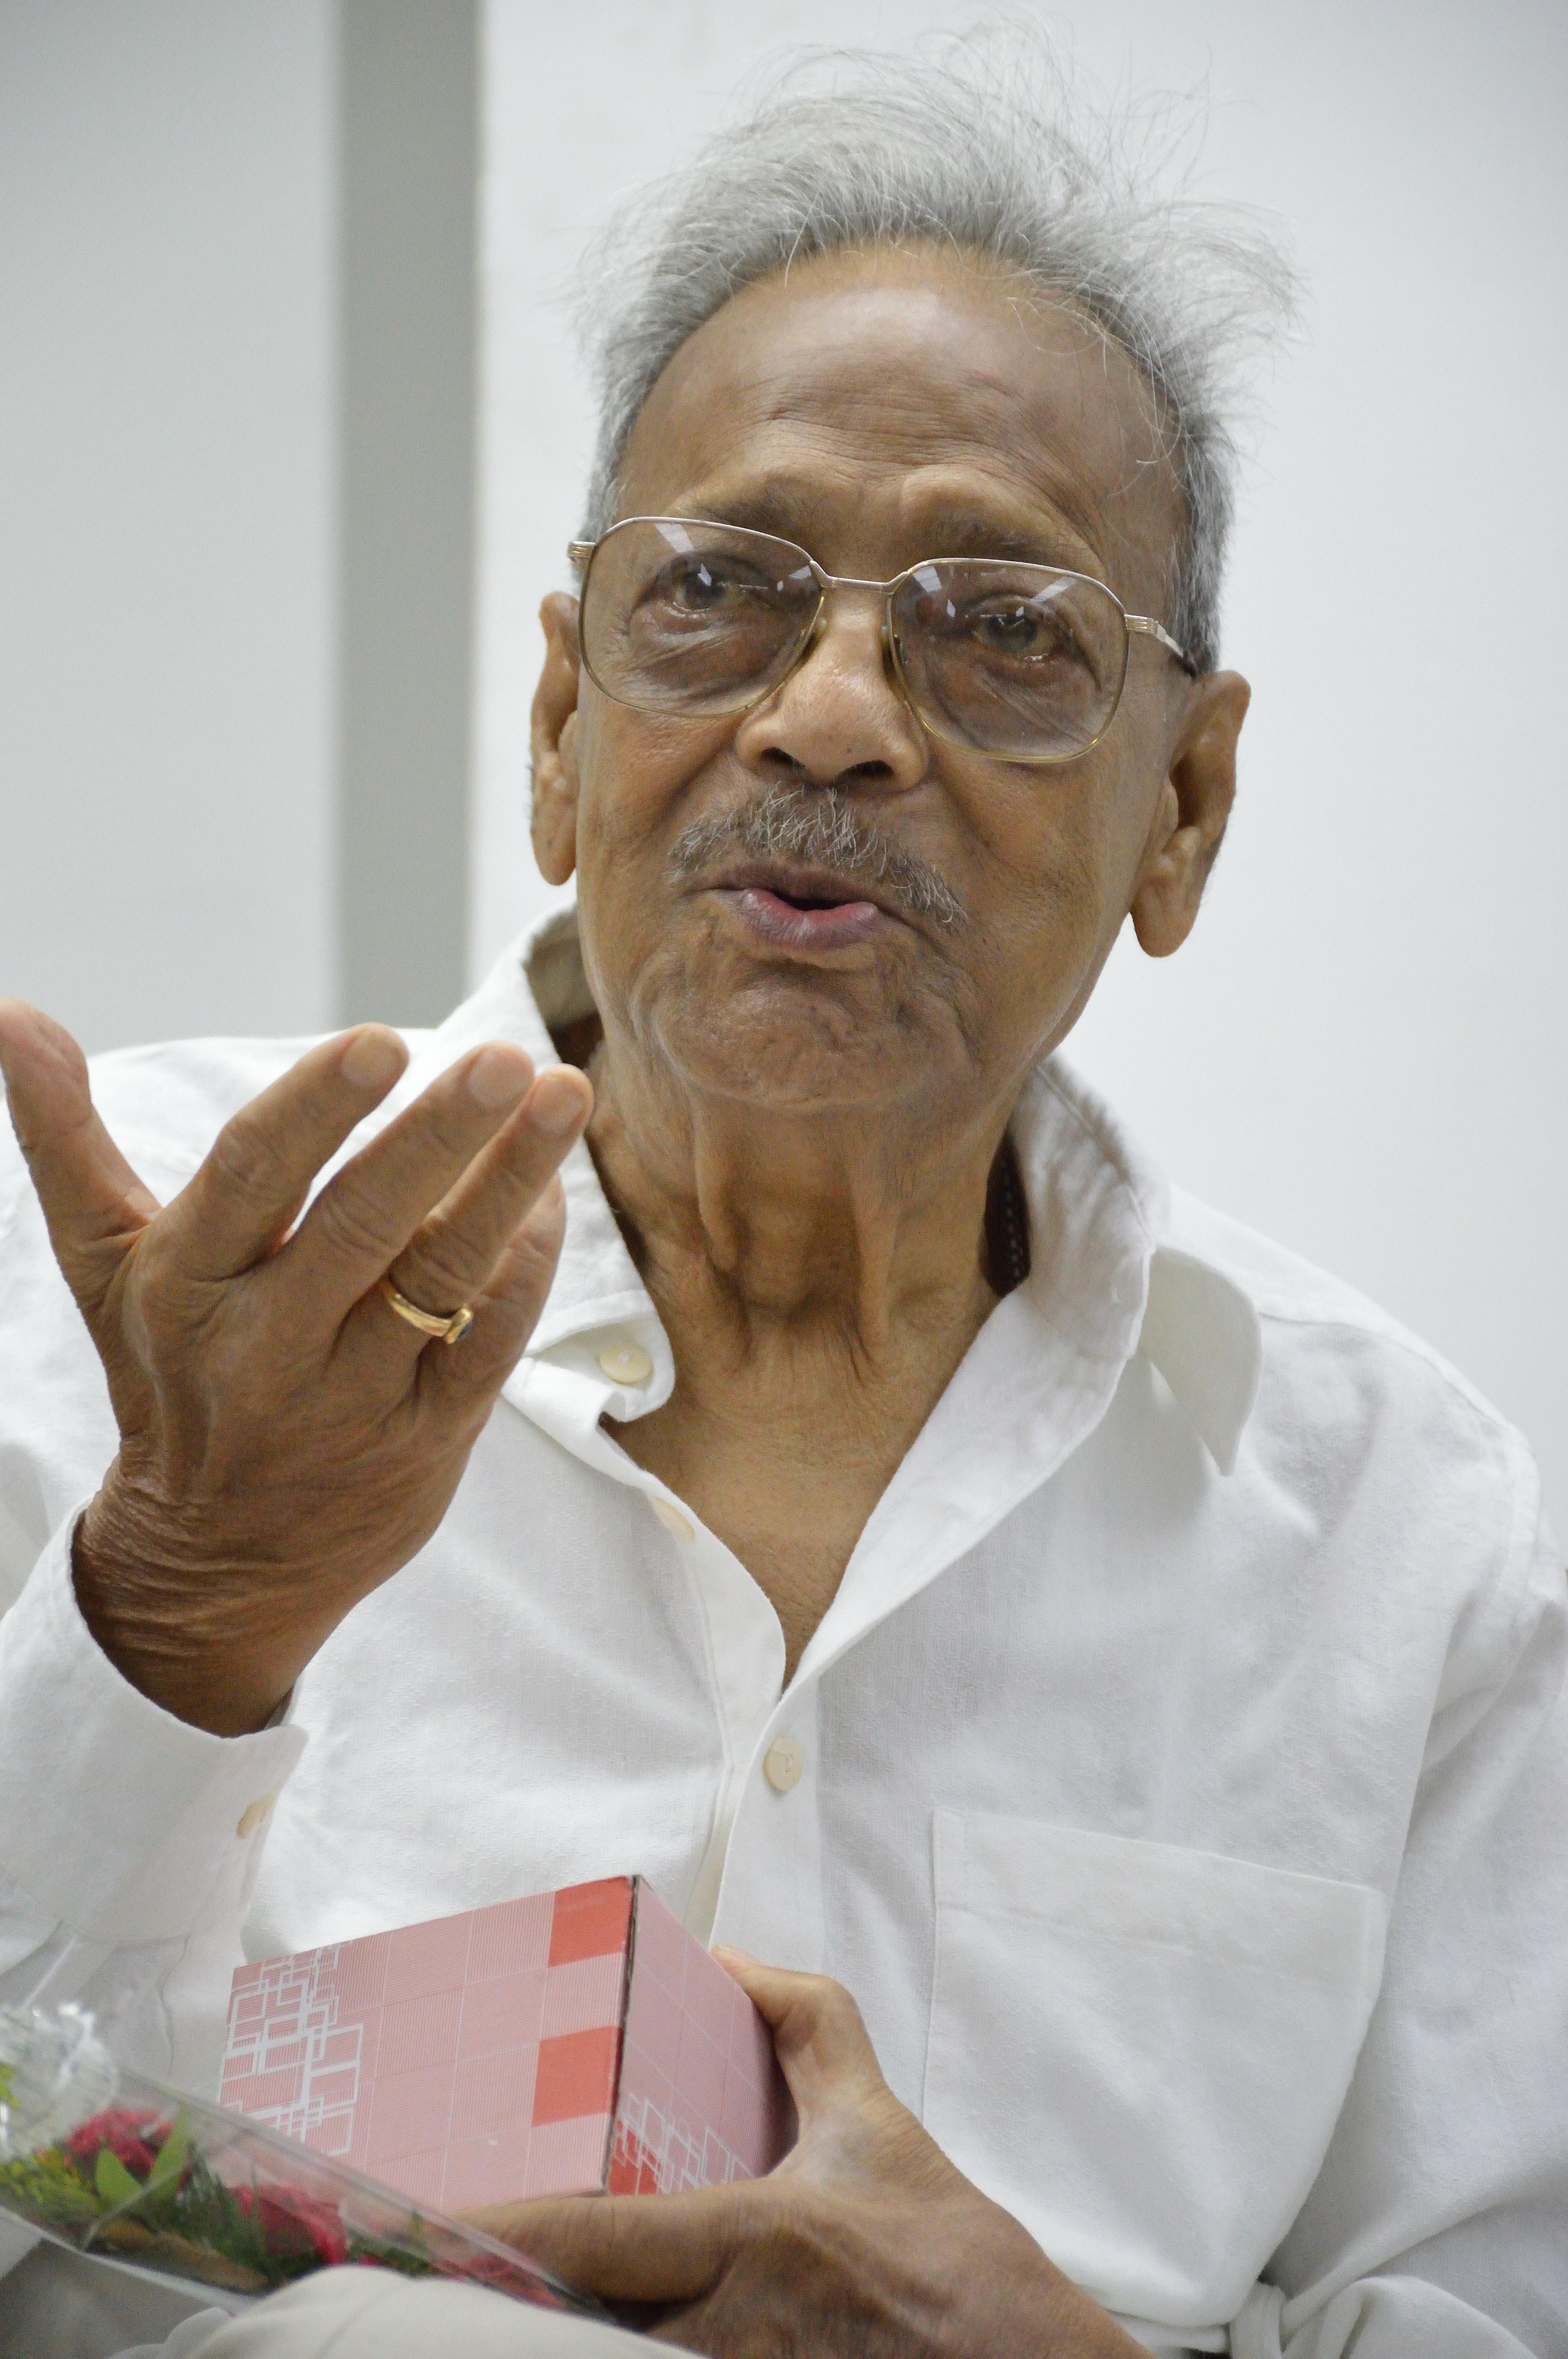 Image of Nemai Ghosh from Wikidata